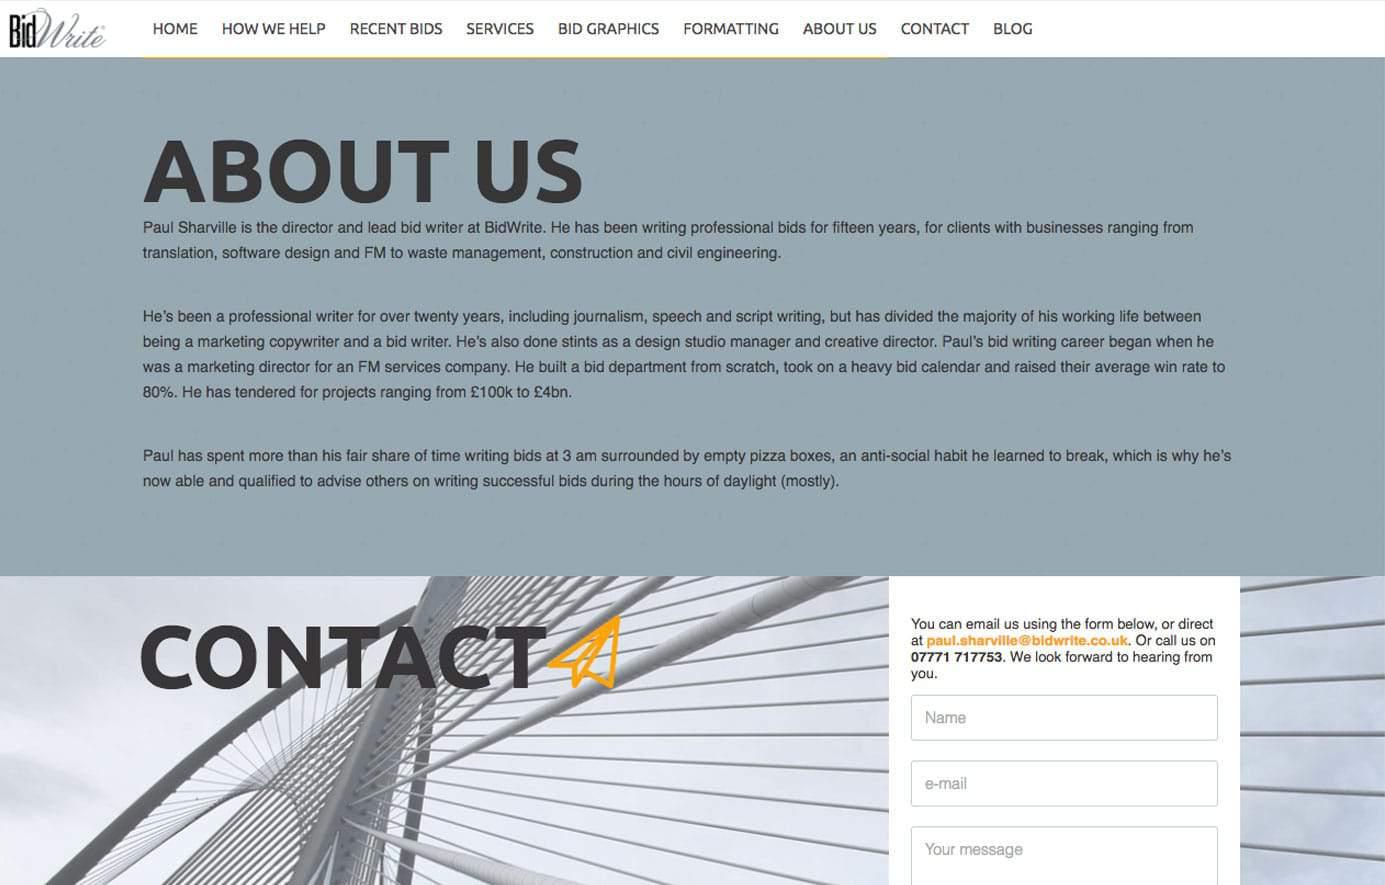 Bidwrite website design about